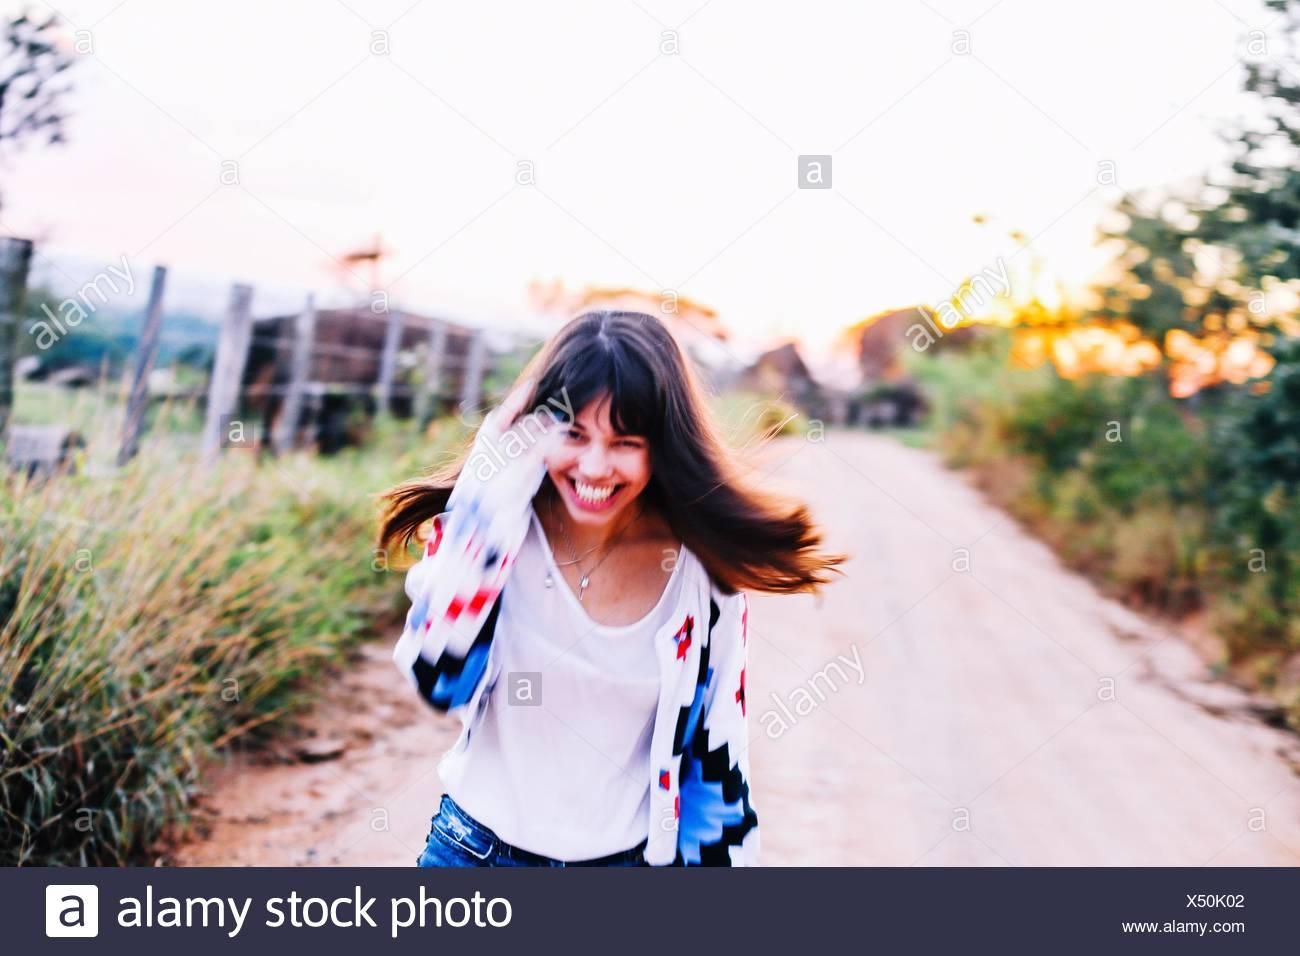 Ritratto di Felice giovane donna in esecuzione su strada in mezzo le piante contro il cielo chiaro Immagini Stock